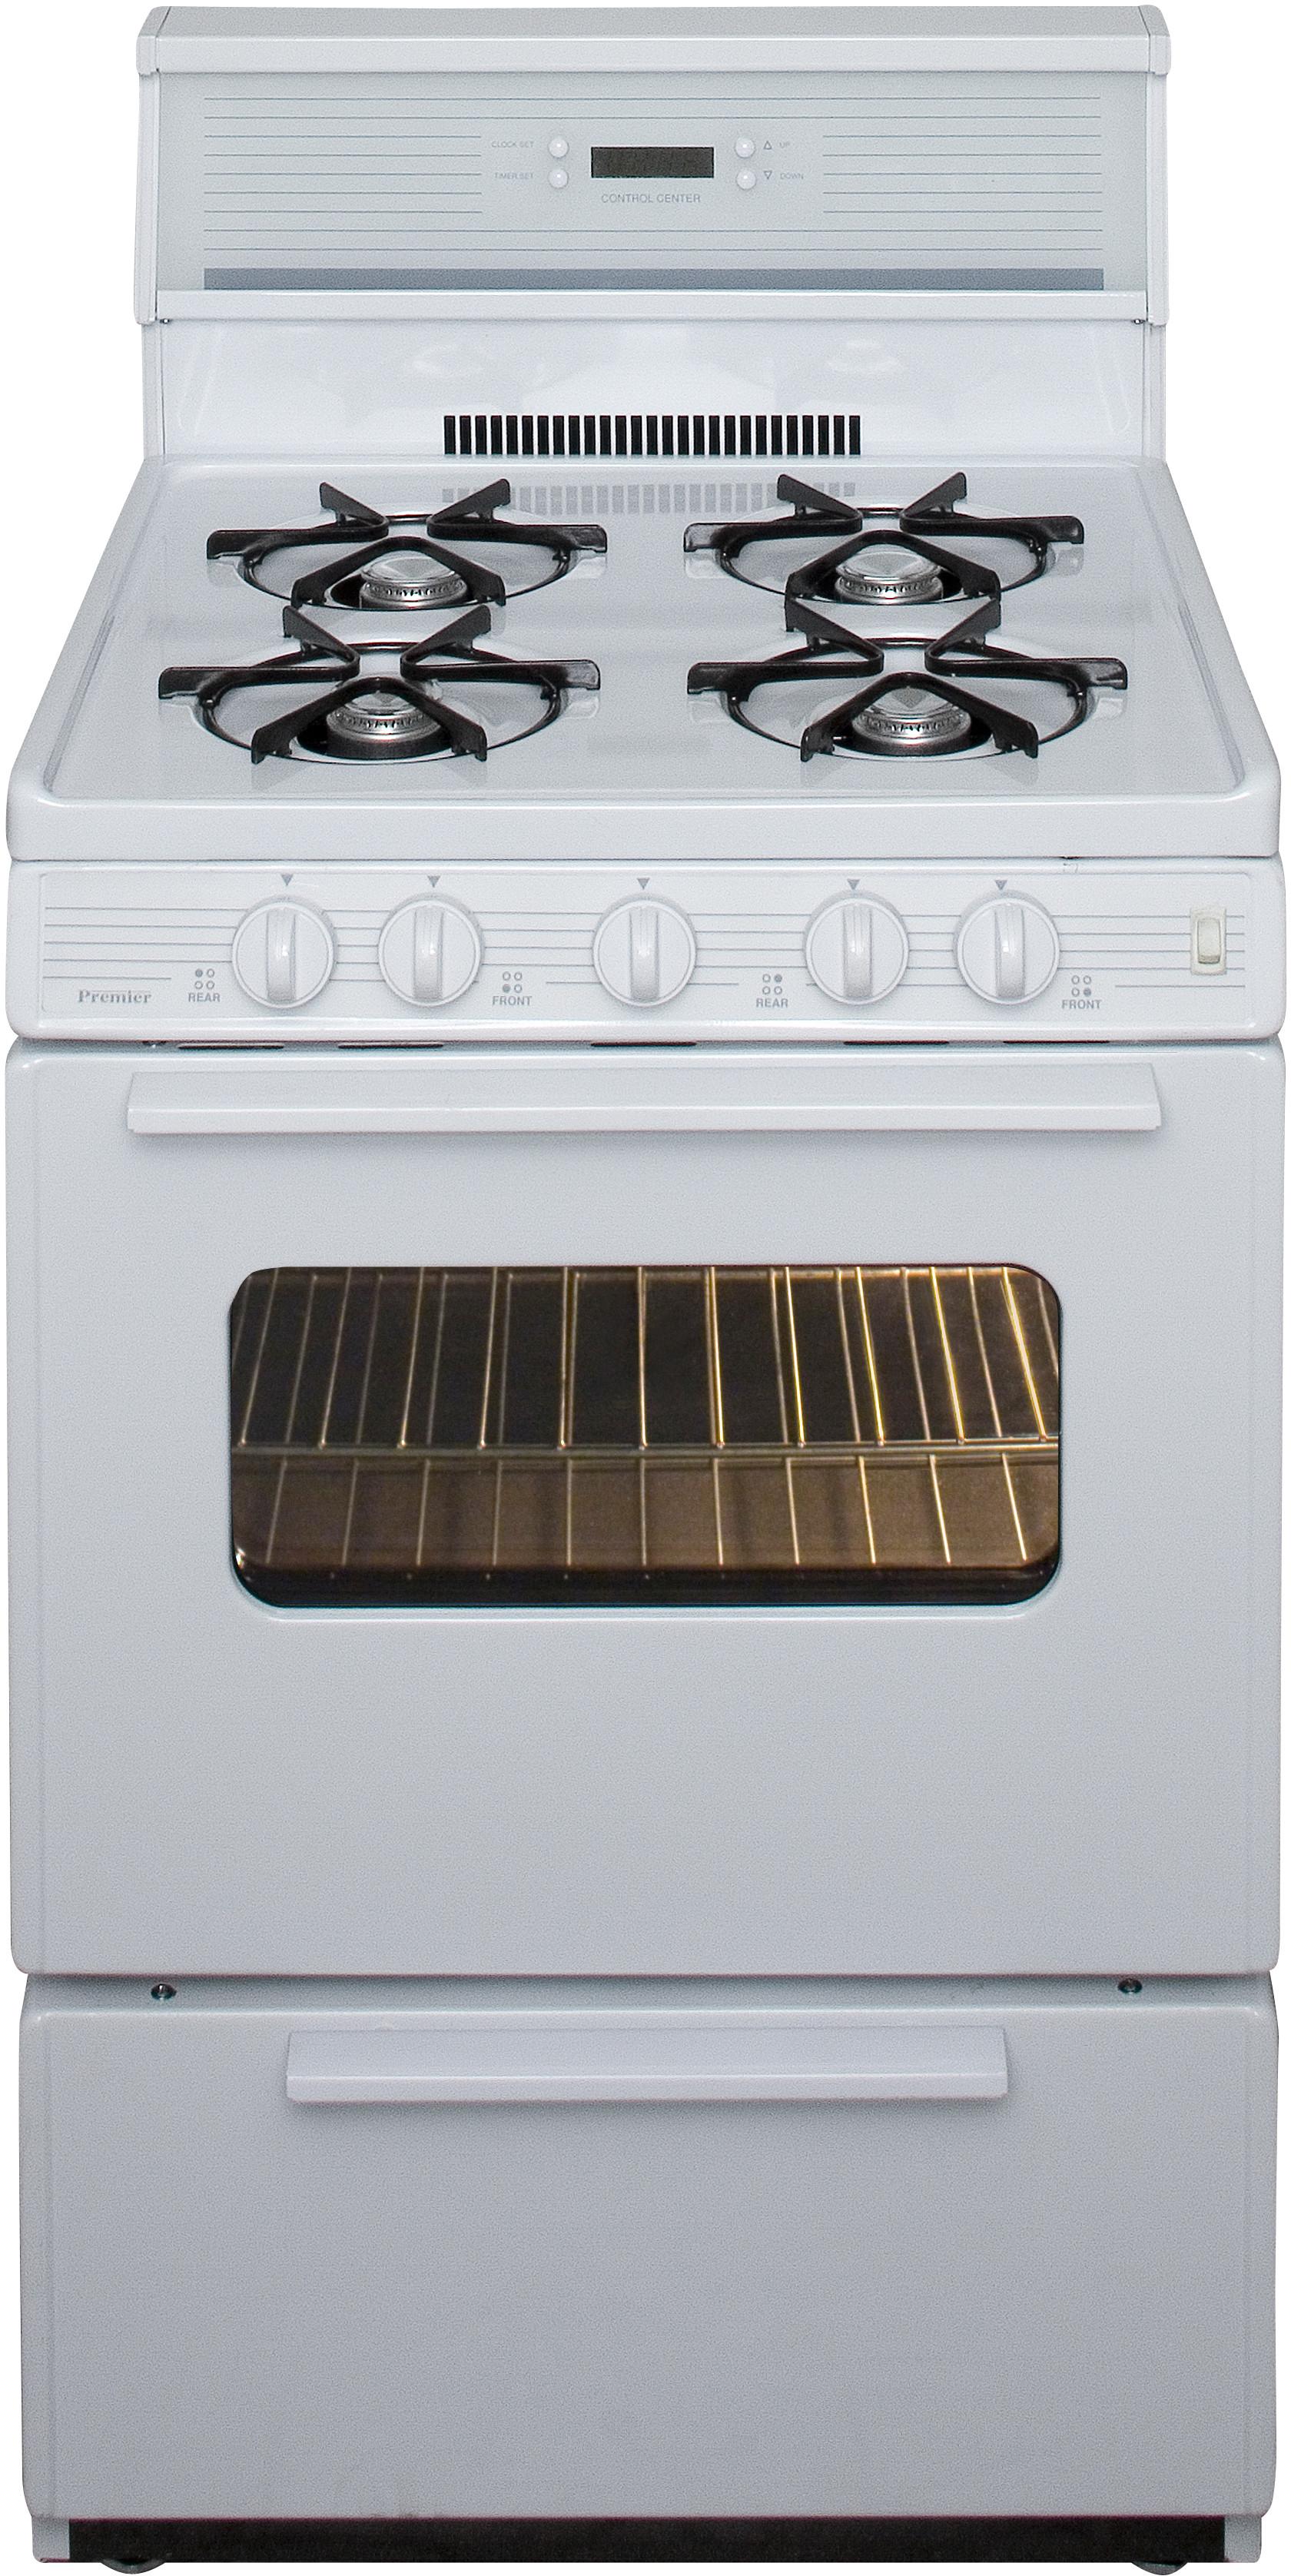 Premier Sck240op Gas Cooker Gas Range Oven Burner